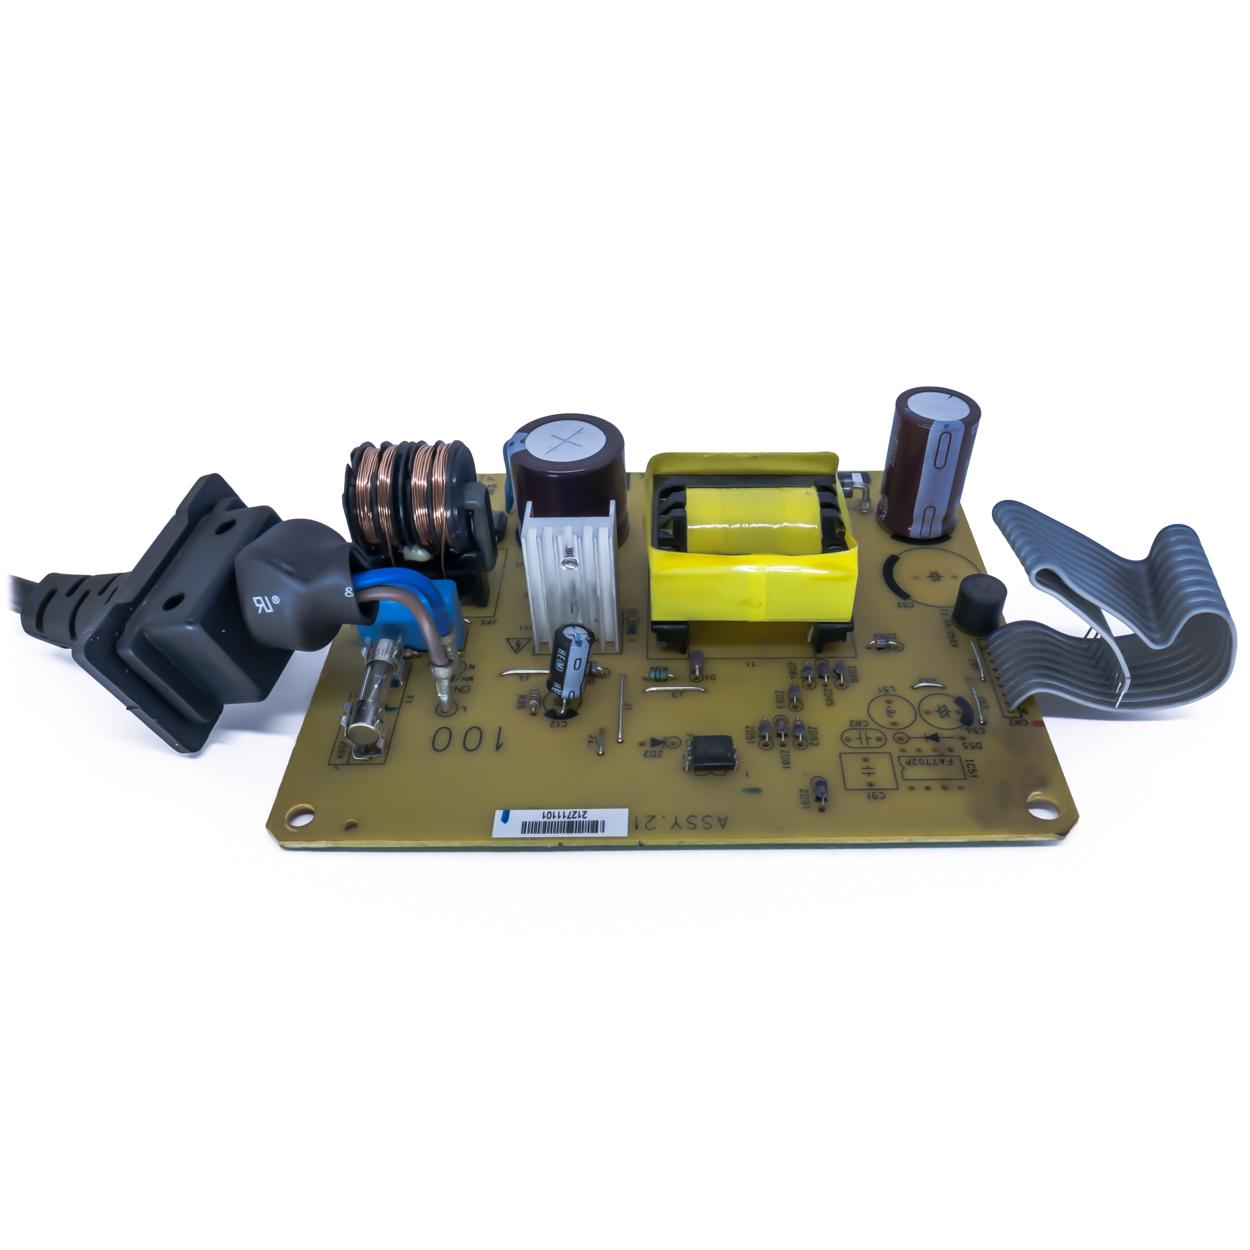 FONTE DE ENERGIA DA IMPPRESSORA EPSON T1110 E L1300